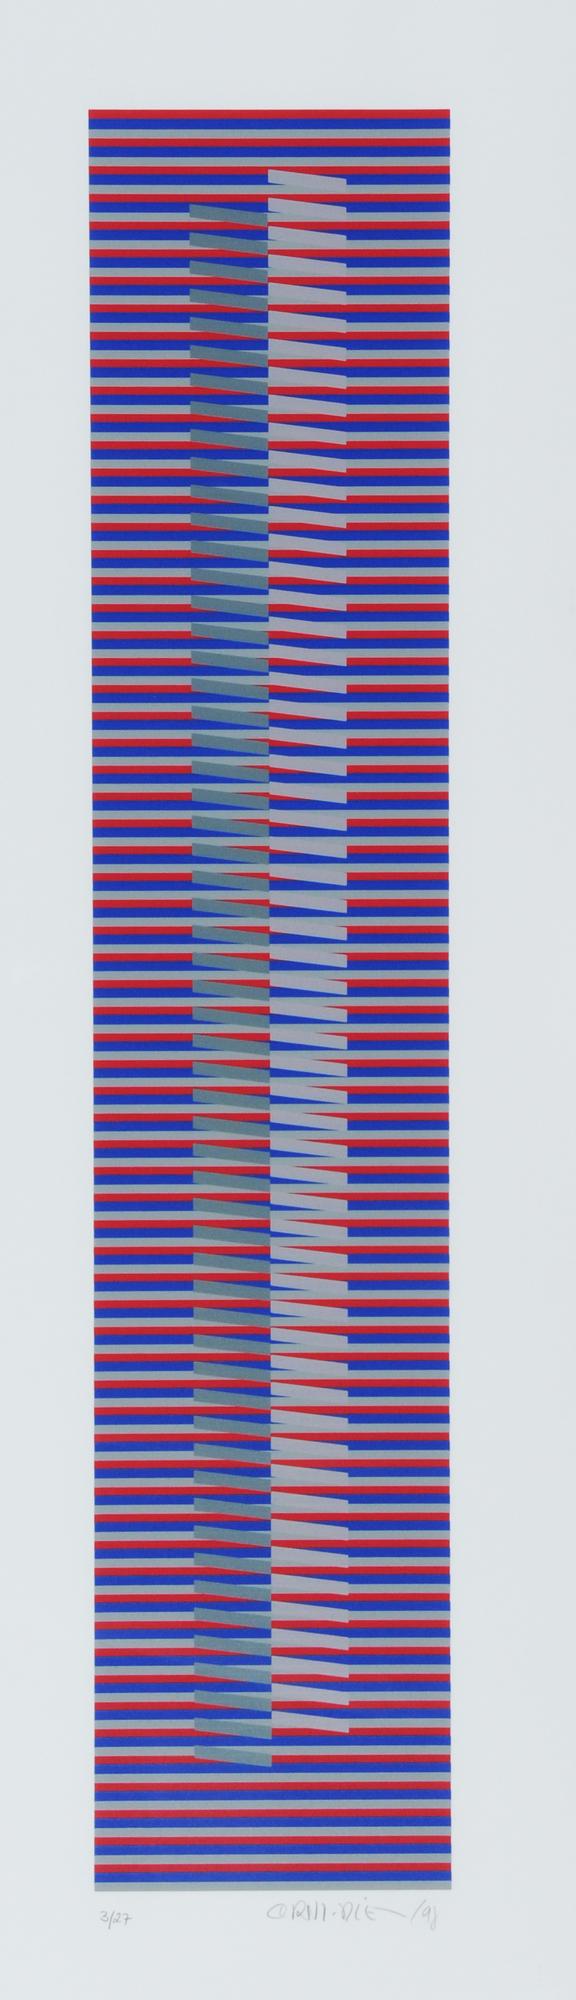 Cruz-Diez Carlos, Induction chromatique à double fréquence - Bailadores 2